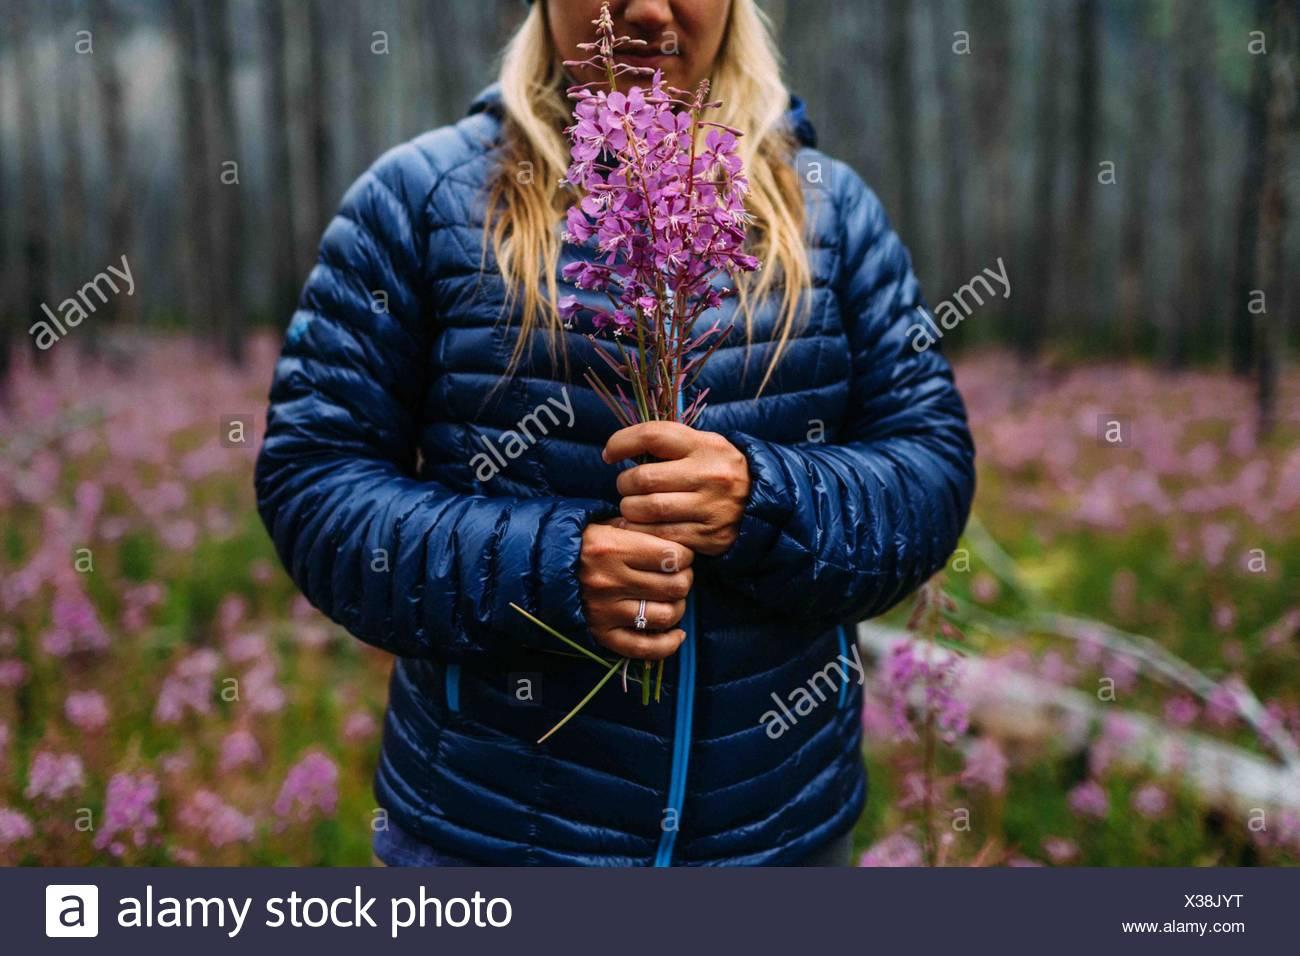 Vista recortada de mediados de mujer adulta vistiendo capa acolchada sosteniendo flores silvestres, el lago Moraine, el Parque Nacional de Banff, Alberta, Canadá Imagen De Stock